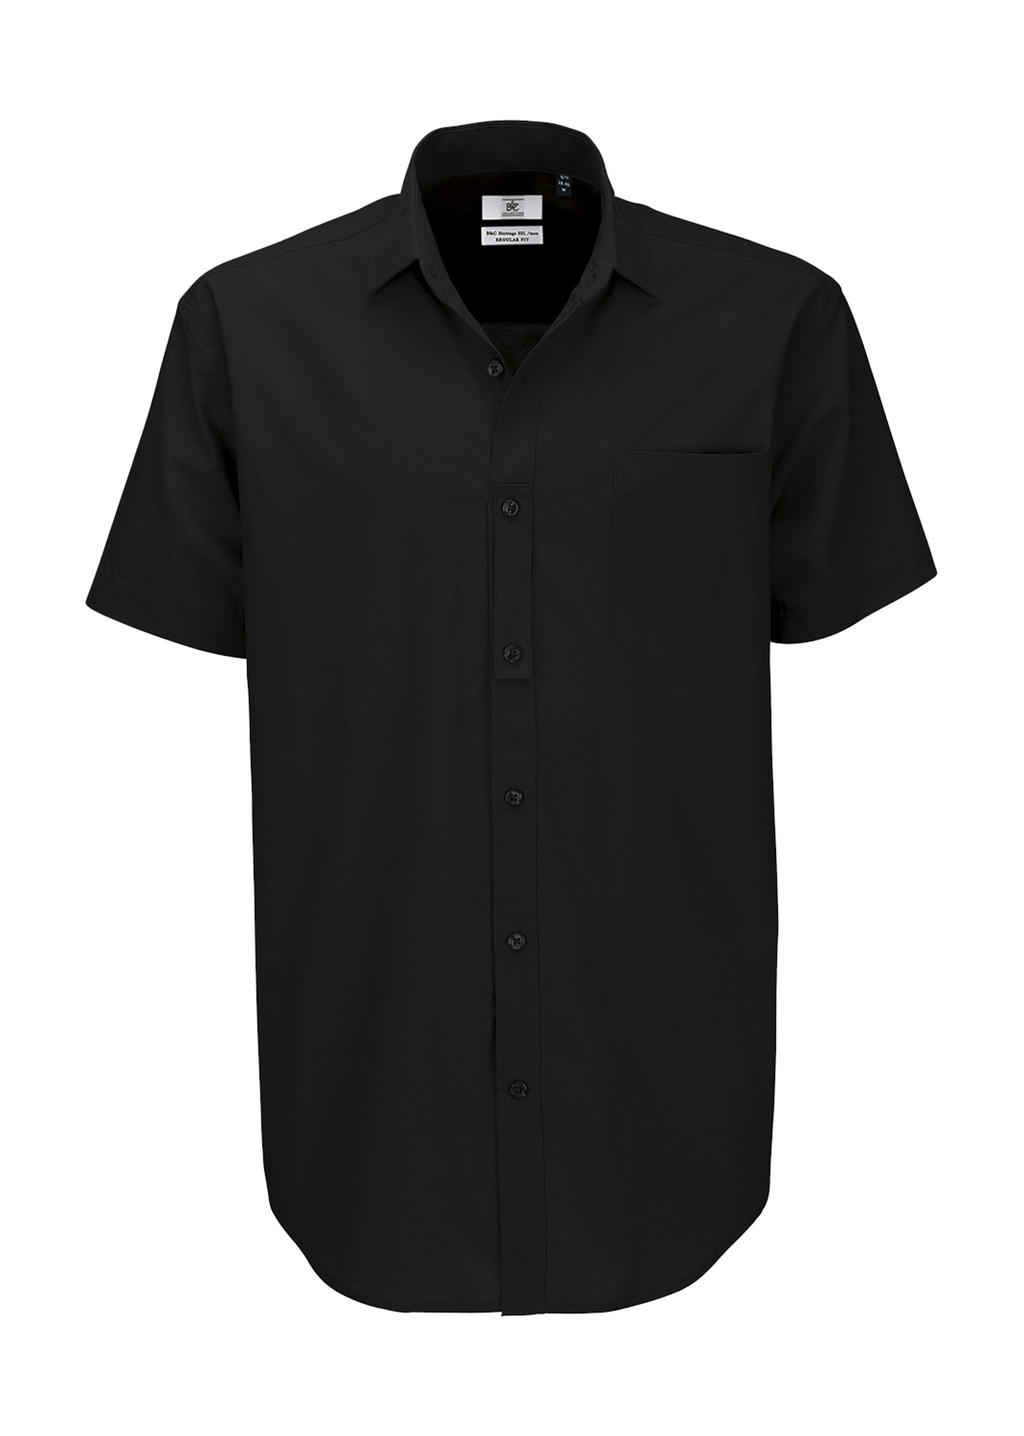 Pánská košile s krátkým rukávem Heritage SSL/men - zvìtšit obrázek